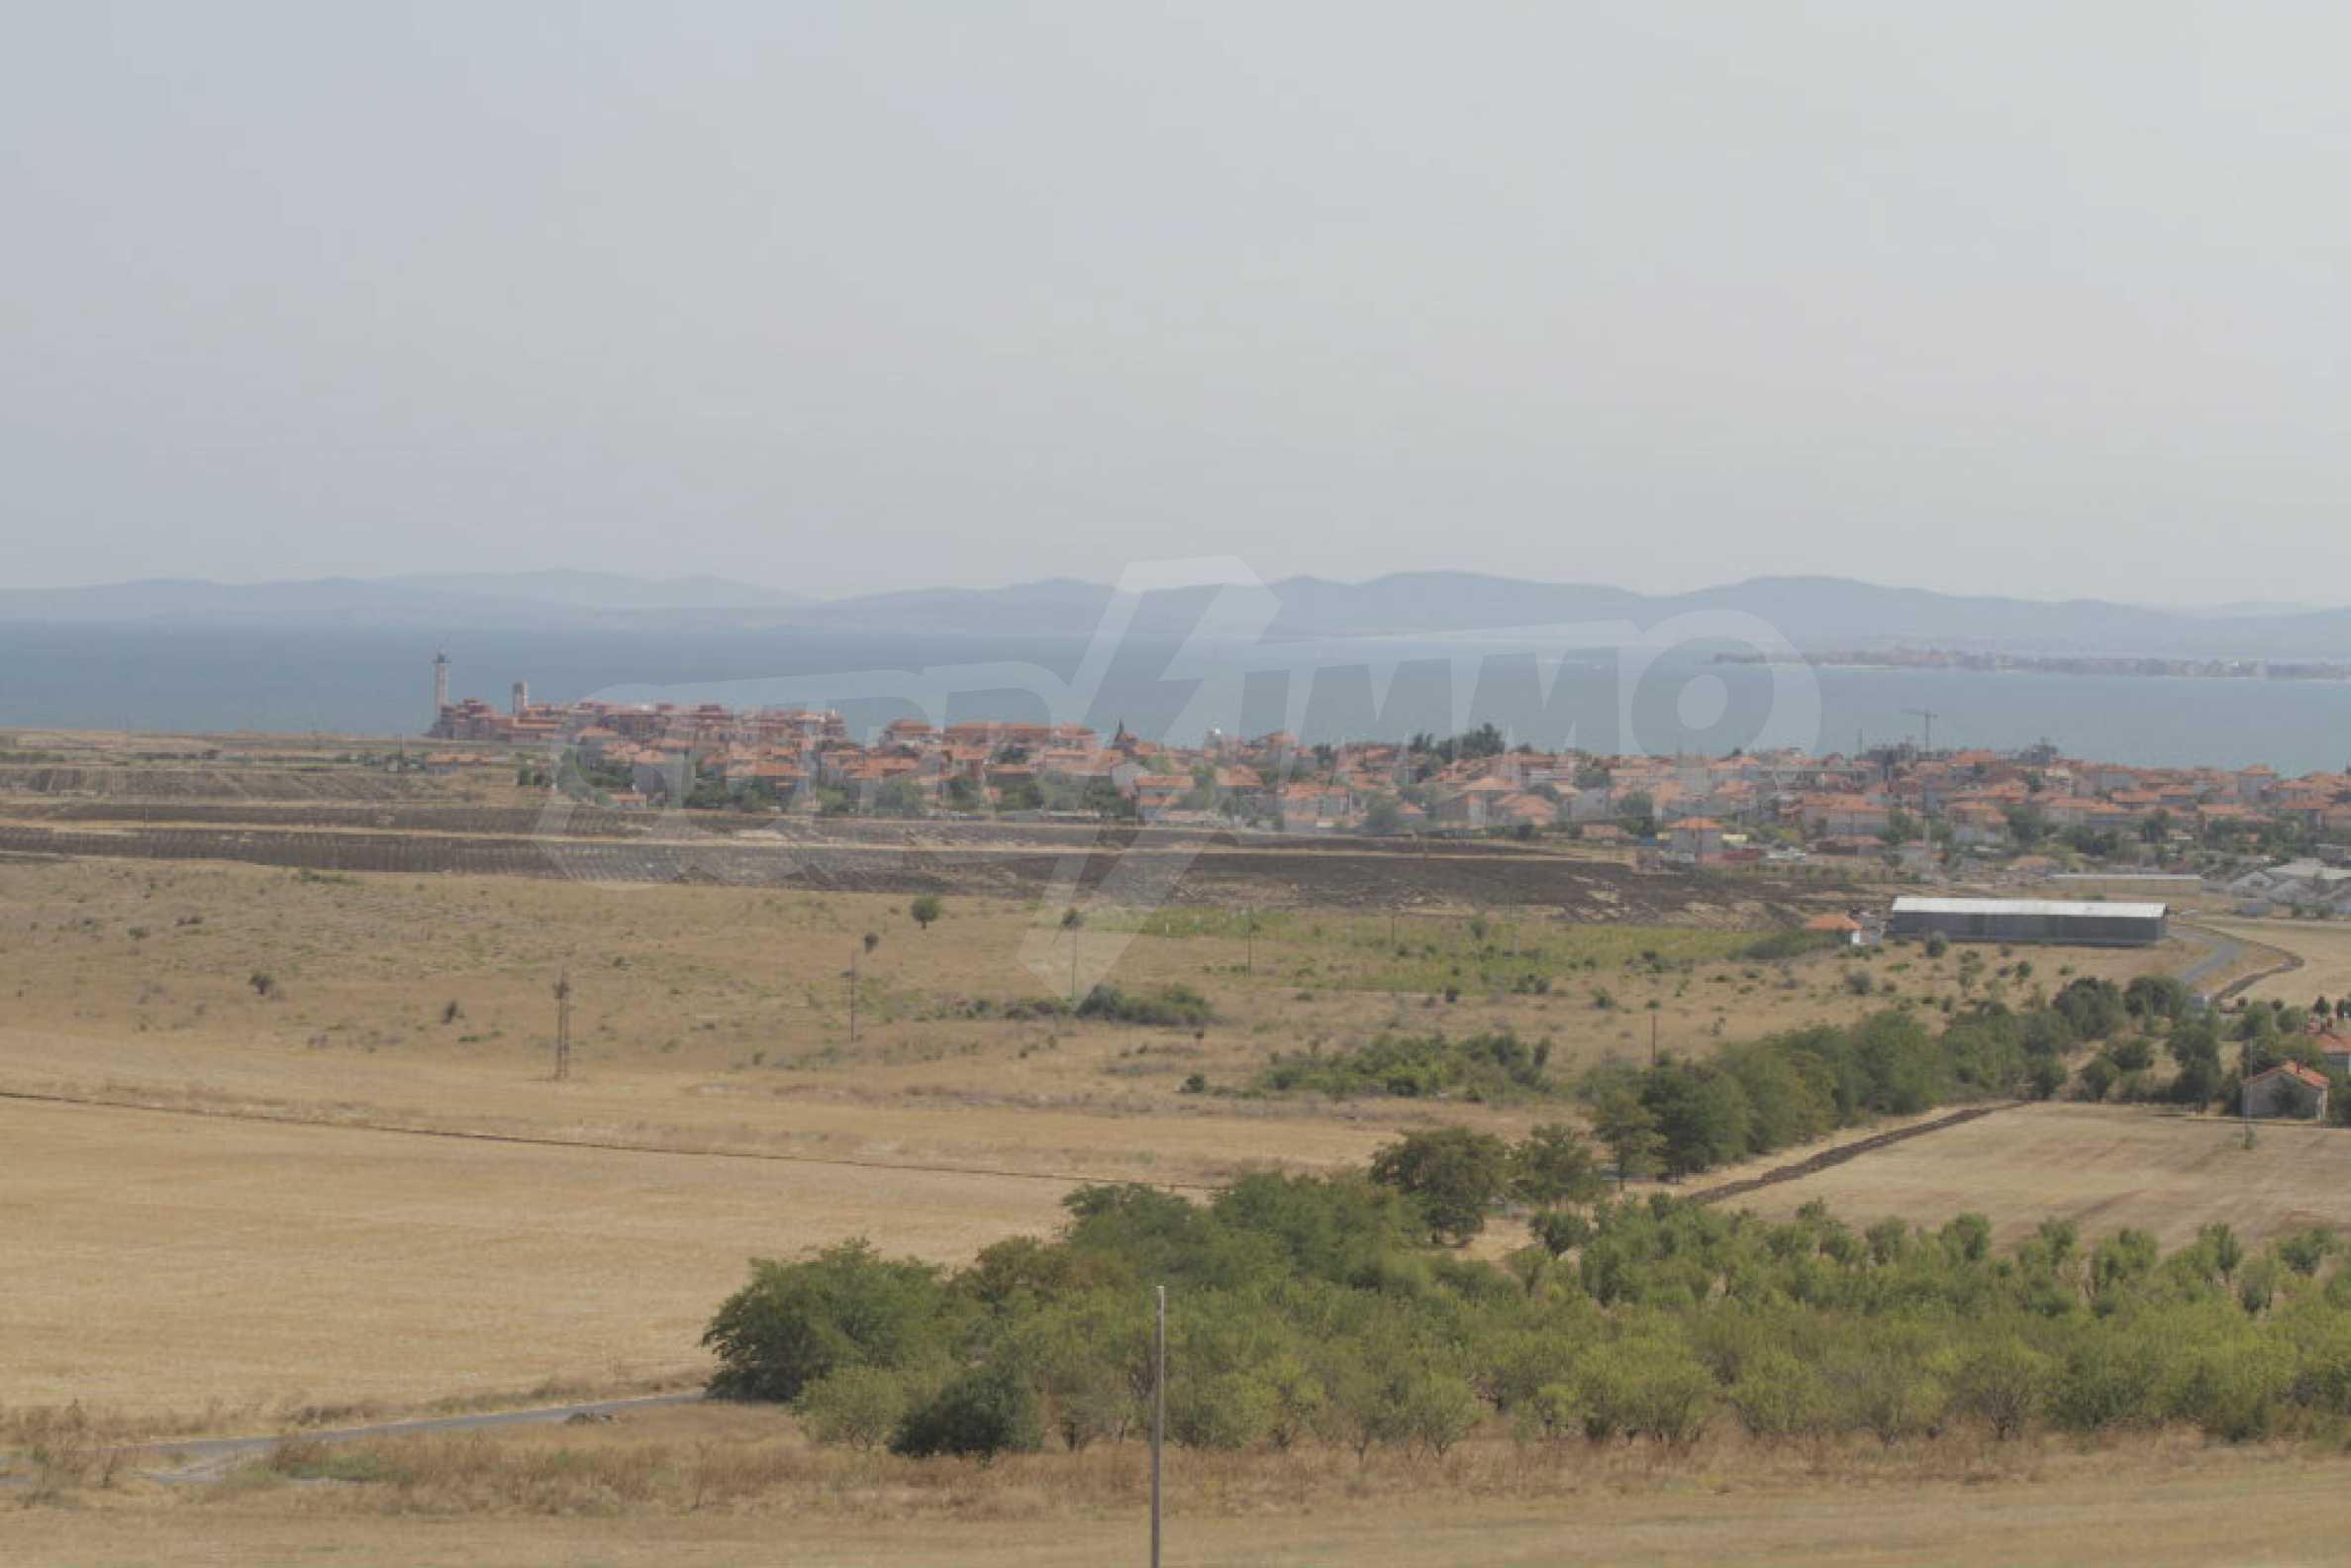 Attraktives Grundstück für Investieren in der Nähe des historischen Komplexes Aheloy 917 und Sonnenstrand, bei Tankowo und Aheloy 35